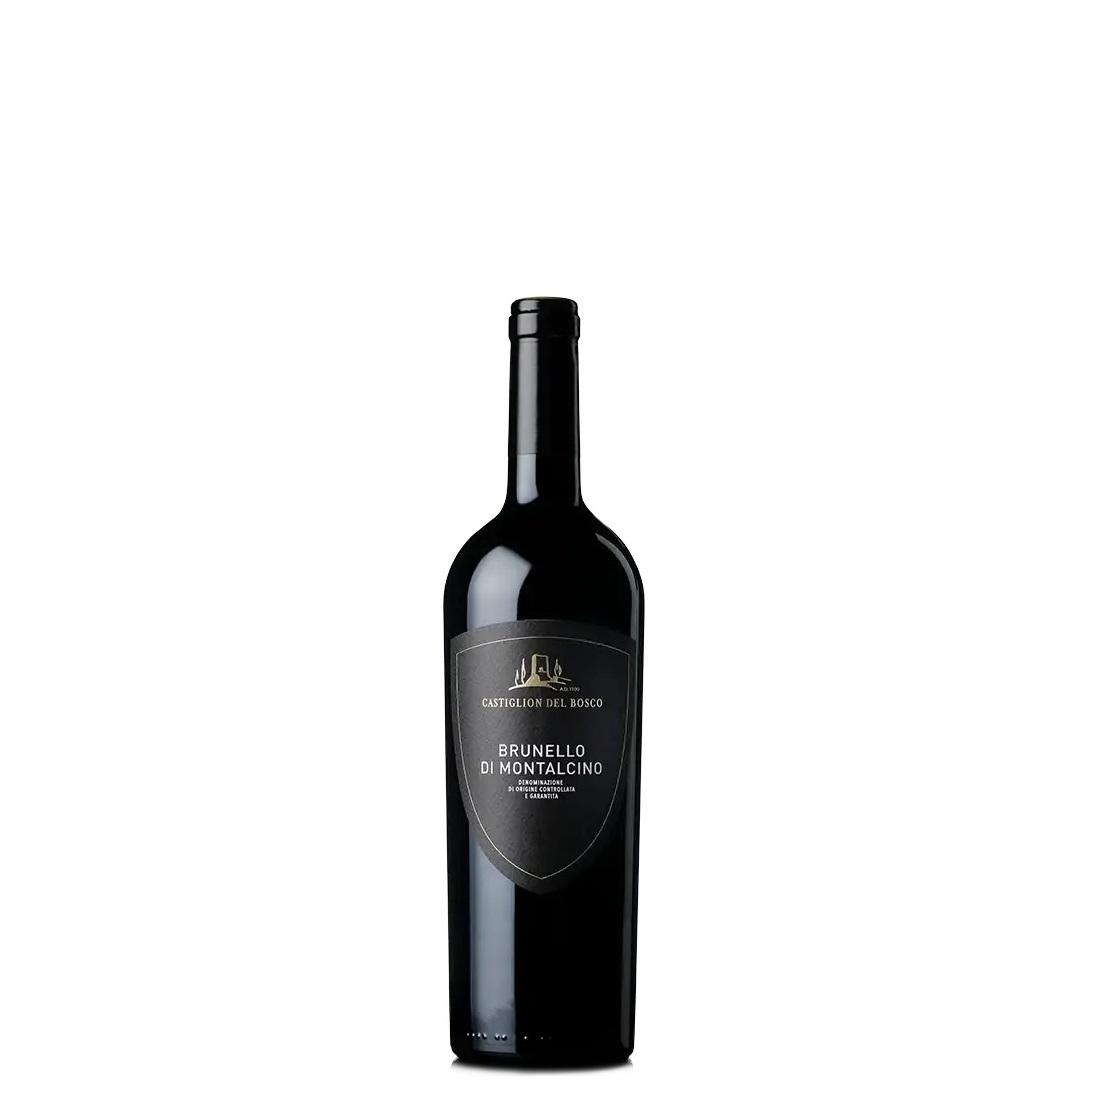 Castiglion del Bosco Brunello di Montalcino DOCG 2015 37,5cl